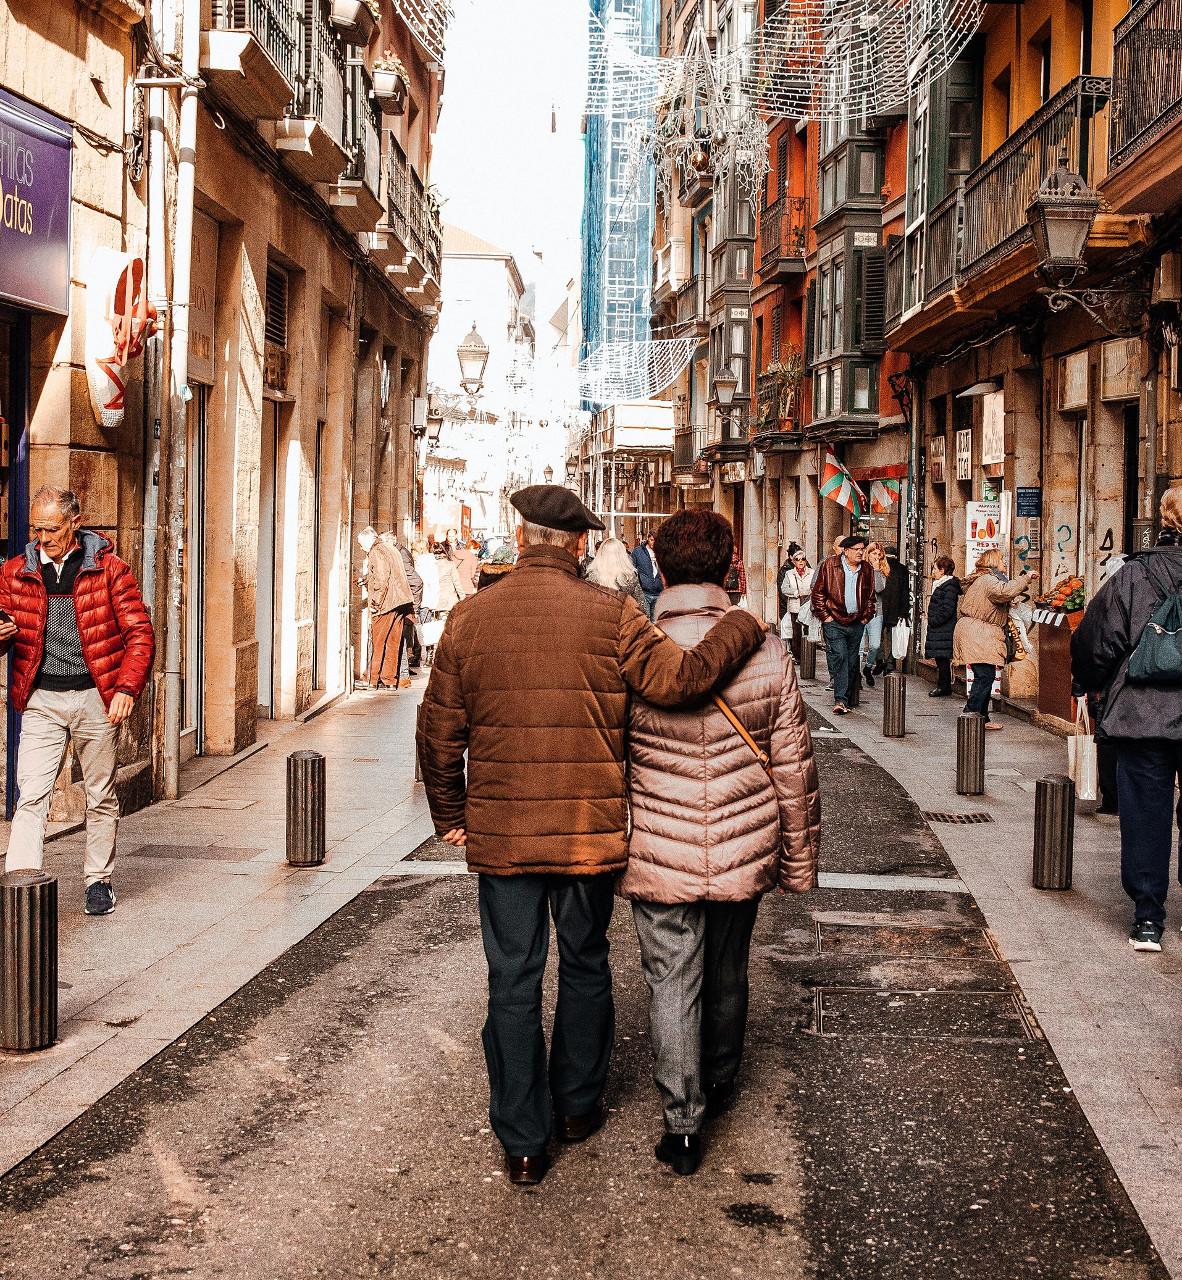 Aumenta el turismo en pareja y bajan los grupos familiares